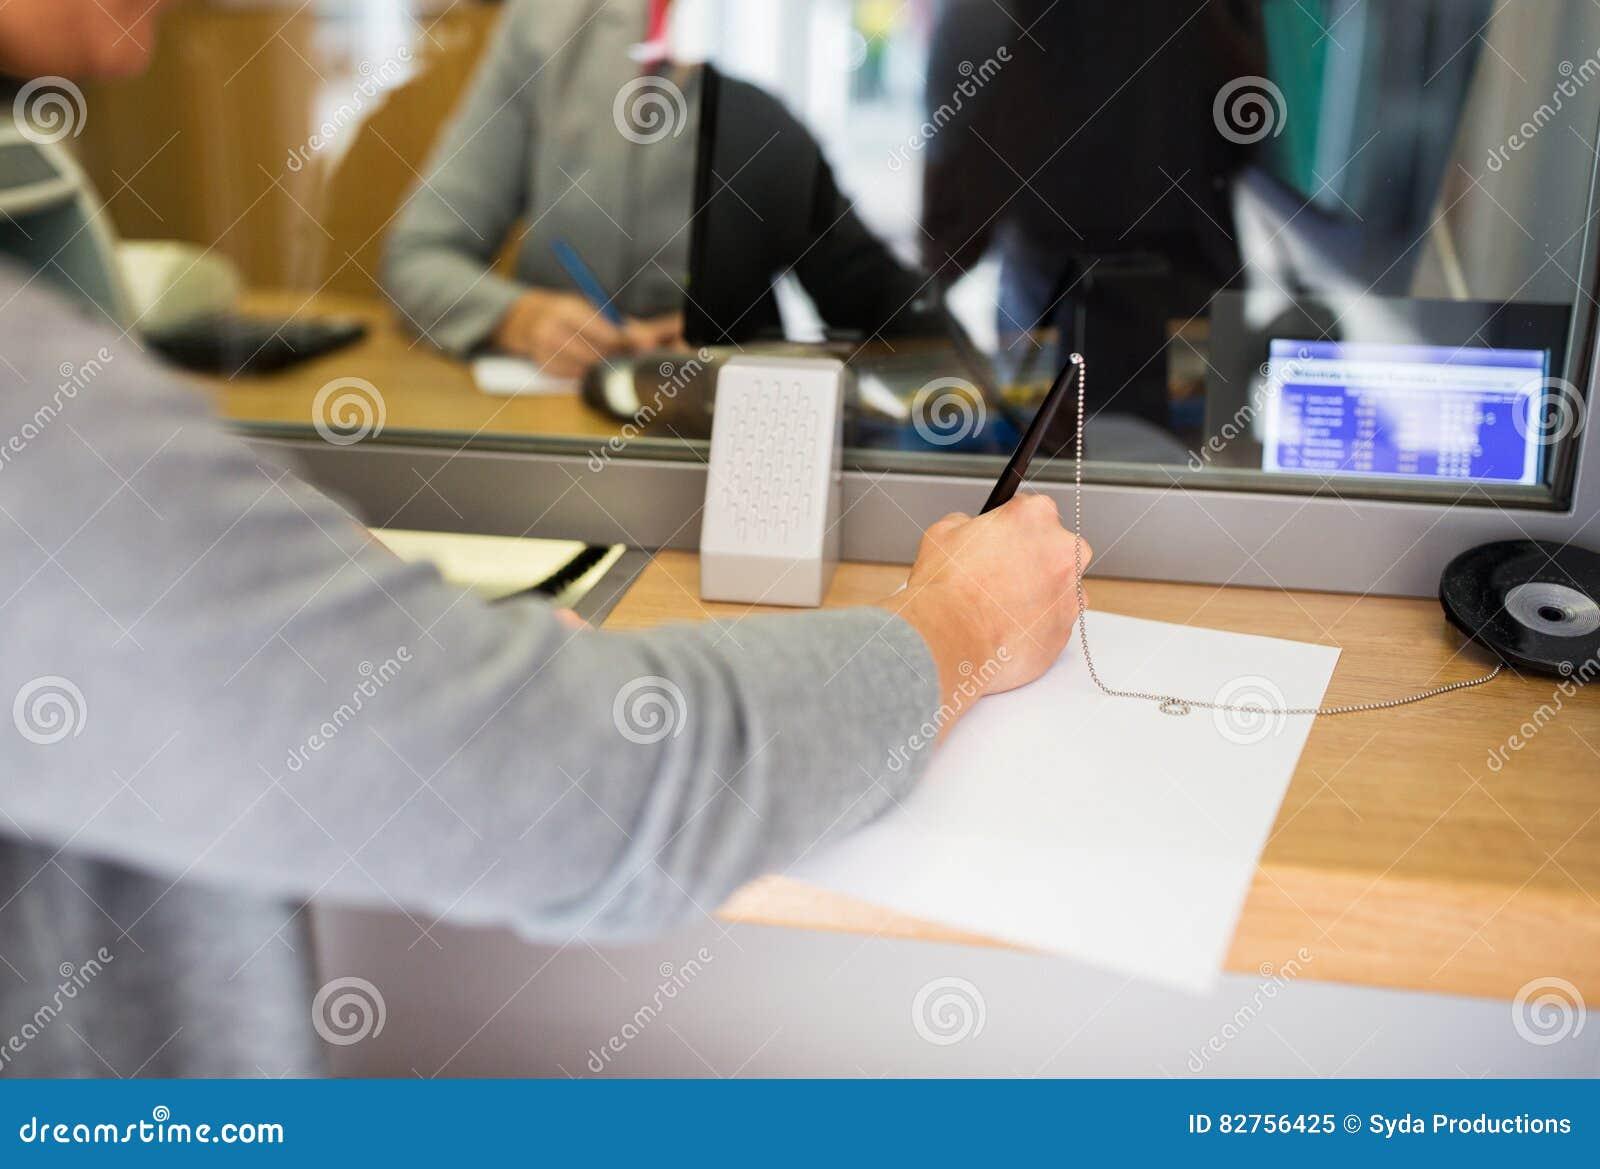 Kundenschreibensanwendung im Bankbüro